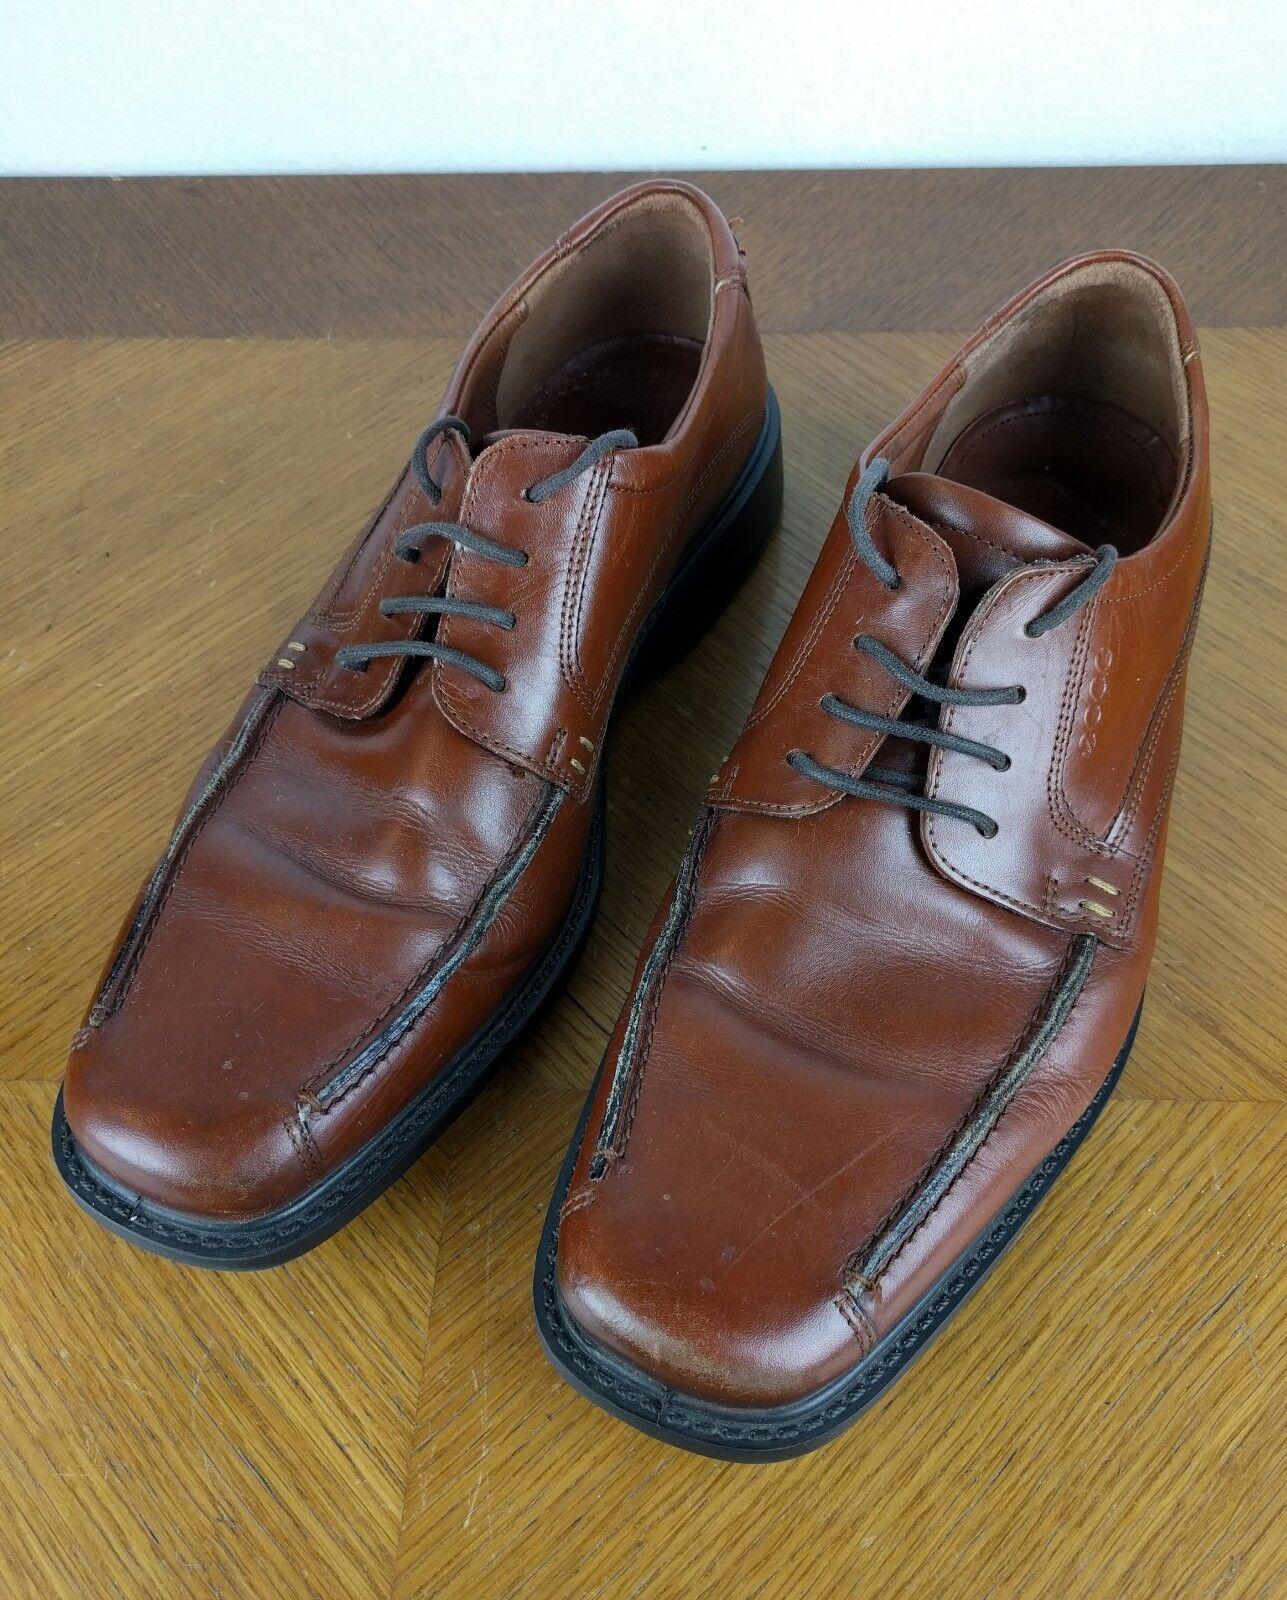 da non perdere! ECCO Marrone Oxfords scarpe scarpe scarpe Uomo Dimensione 43 Formal Dress Leather Fancy Hipster Lace Up  stanno facendo attività di sconto